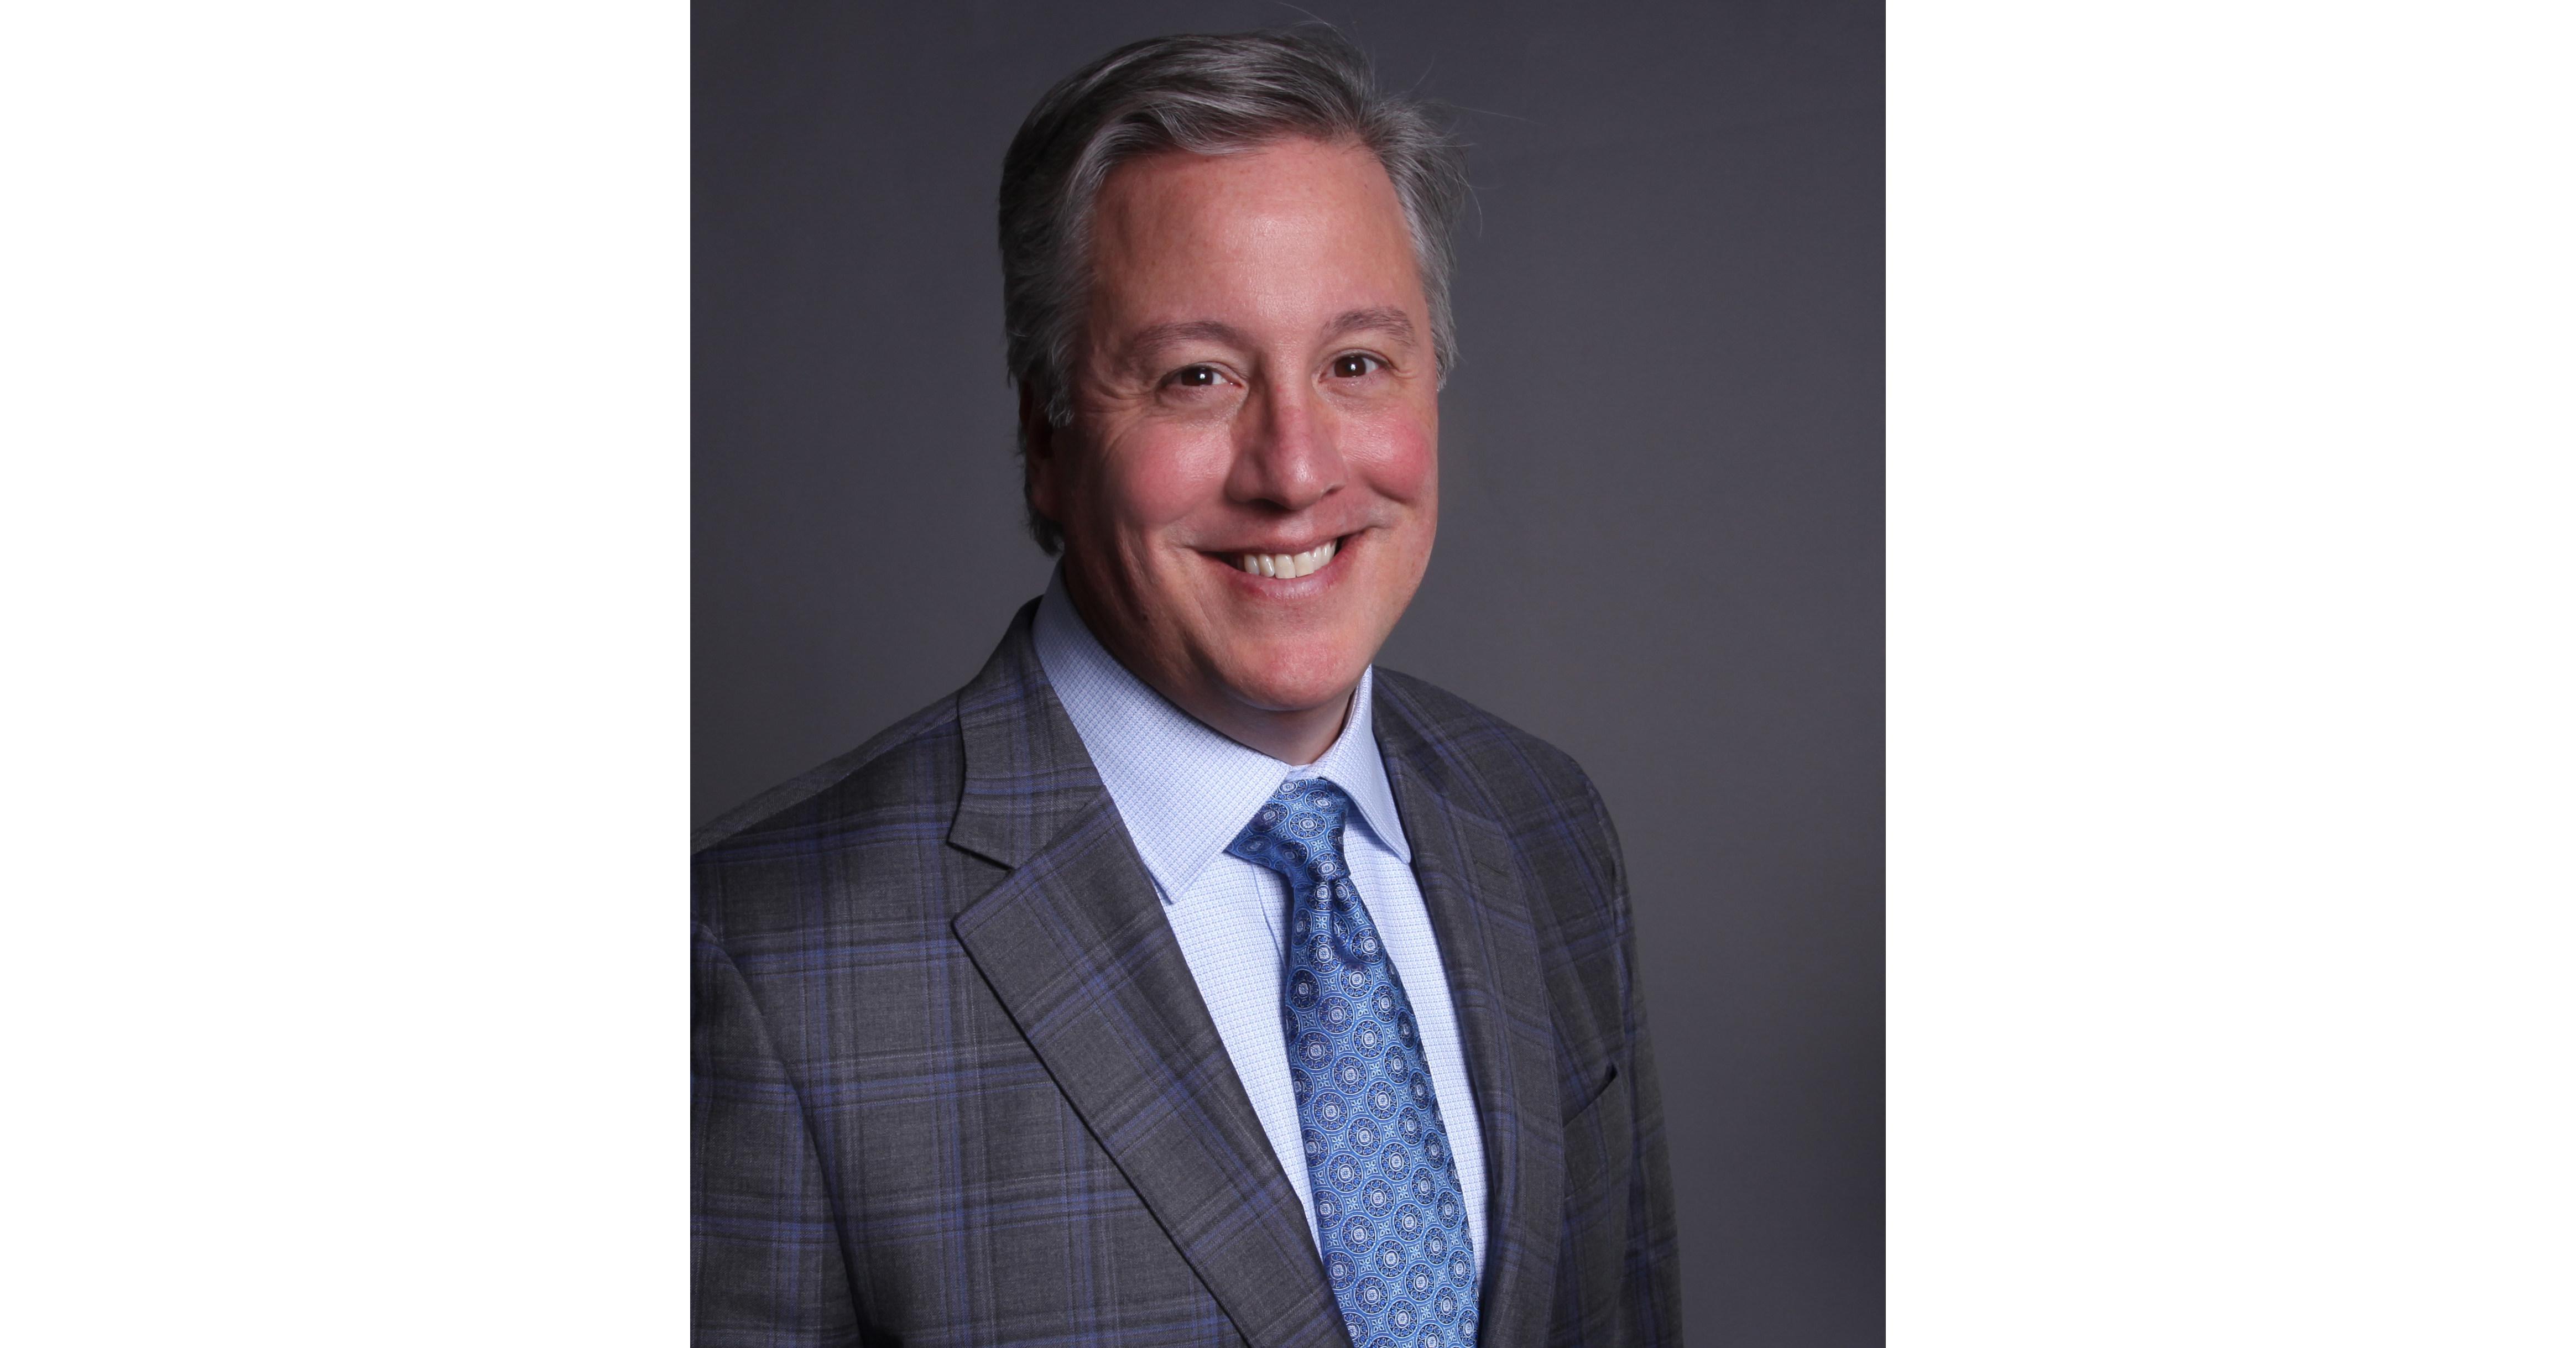 Health Communications Leader Tom Jones Joins Finn Partners